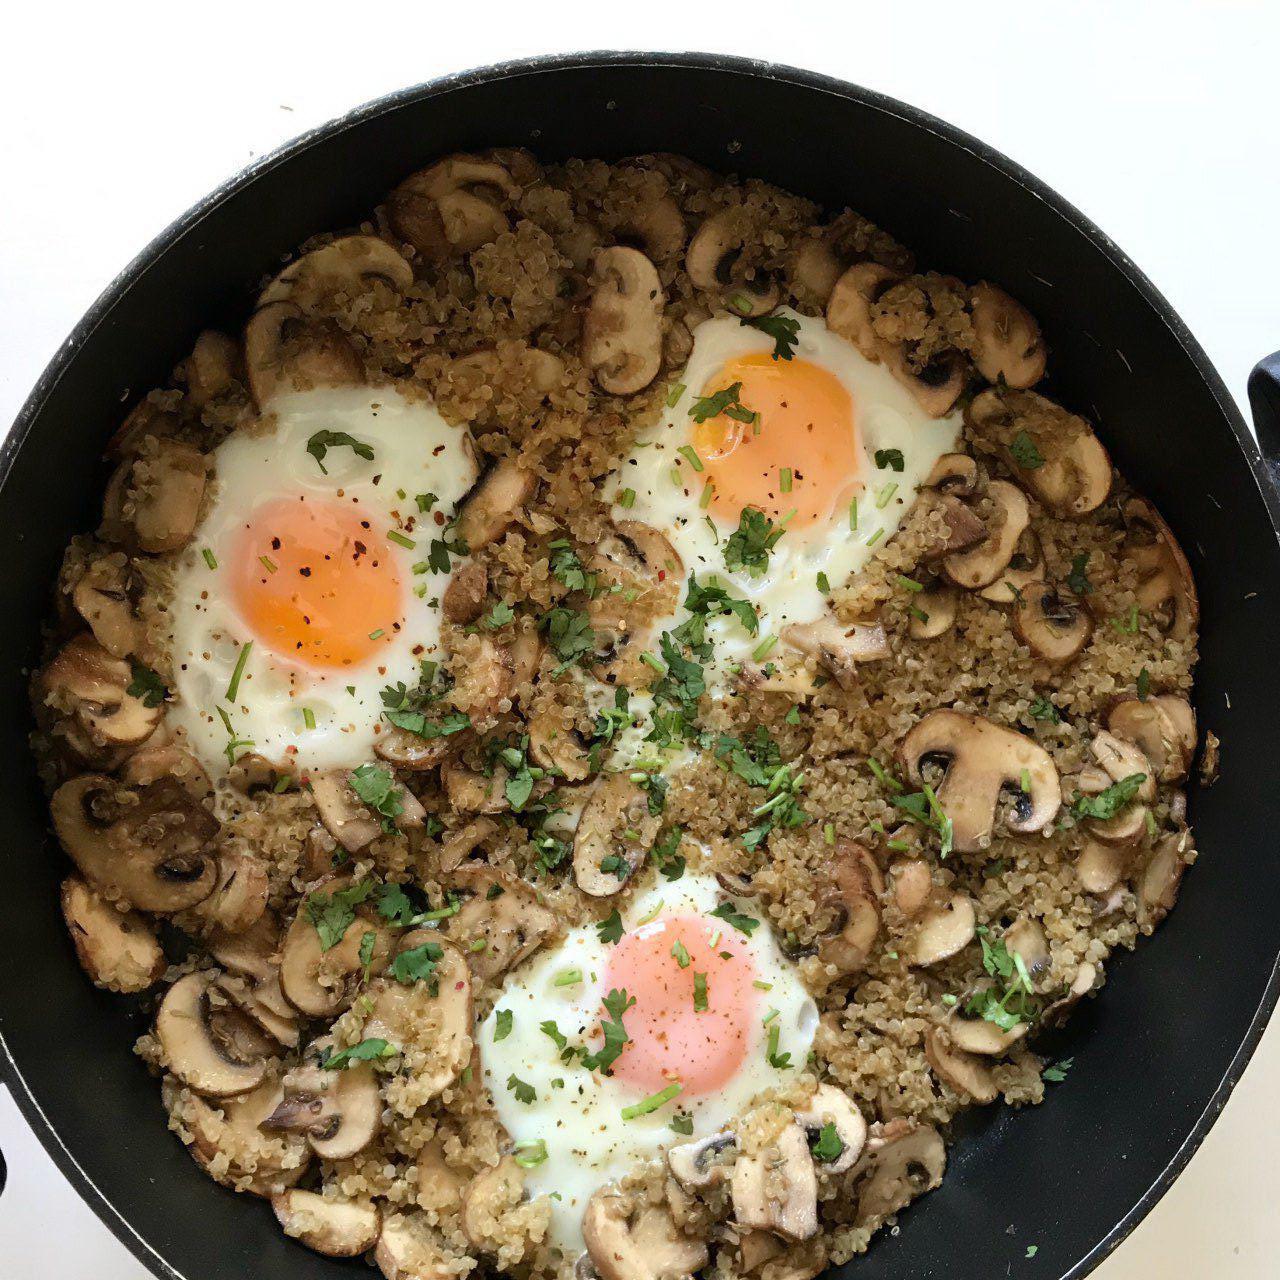 صبحانه تابهای با کینوا، قارچ و تخممرغ